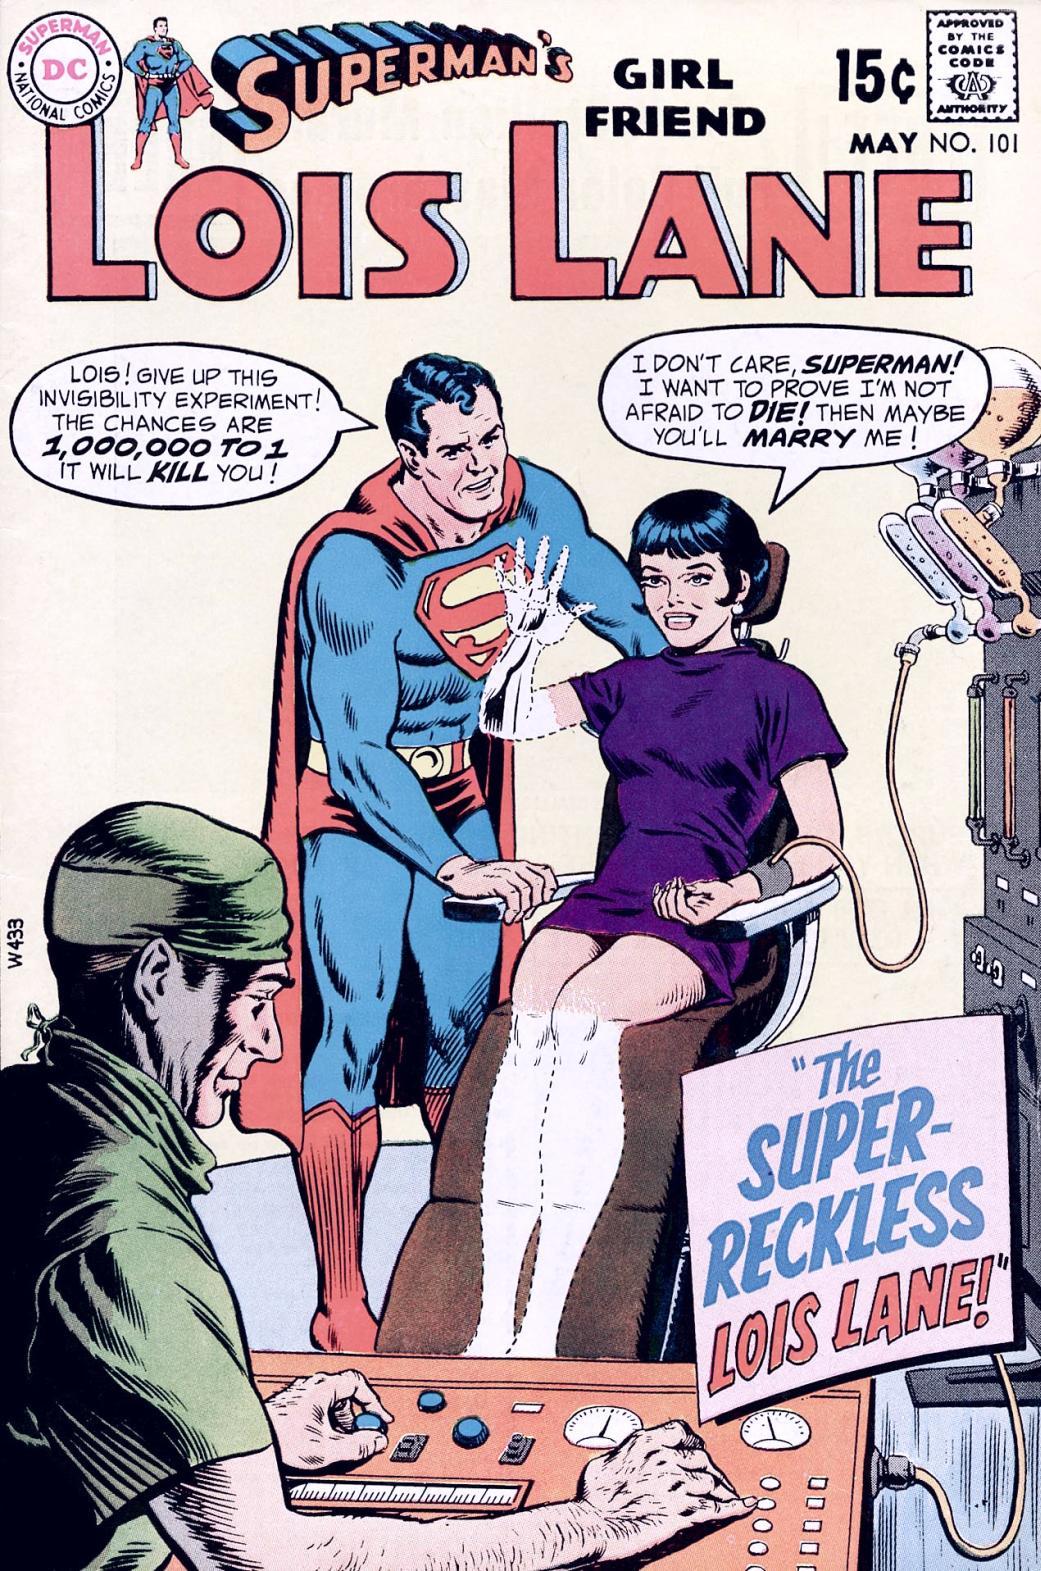 Supermans Girl Friend, Lois Lane 101 Page 1